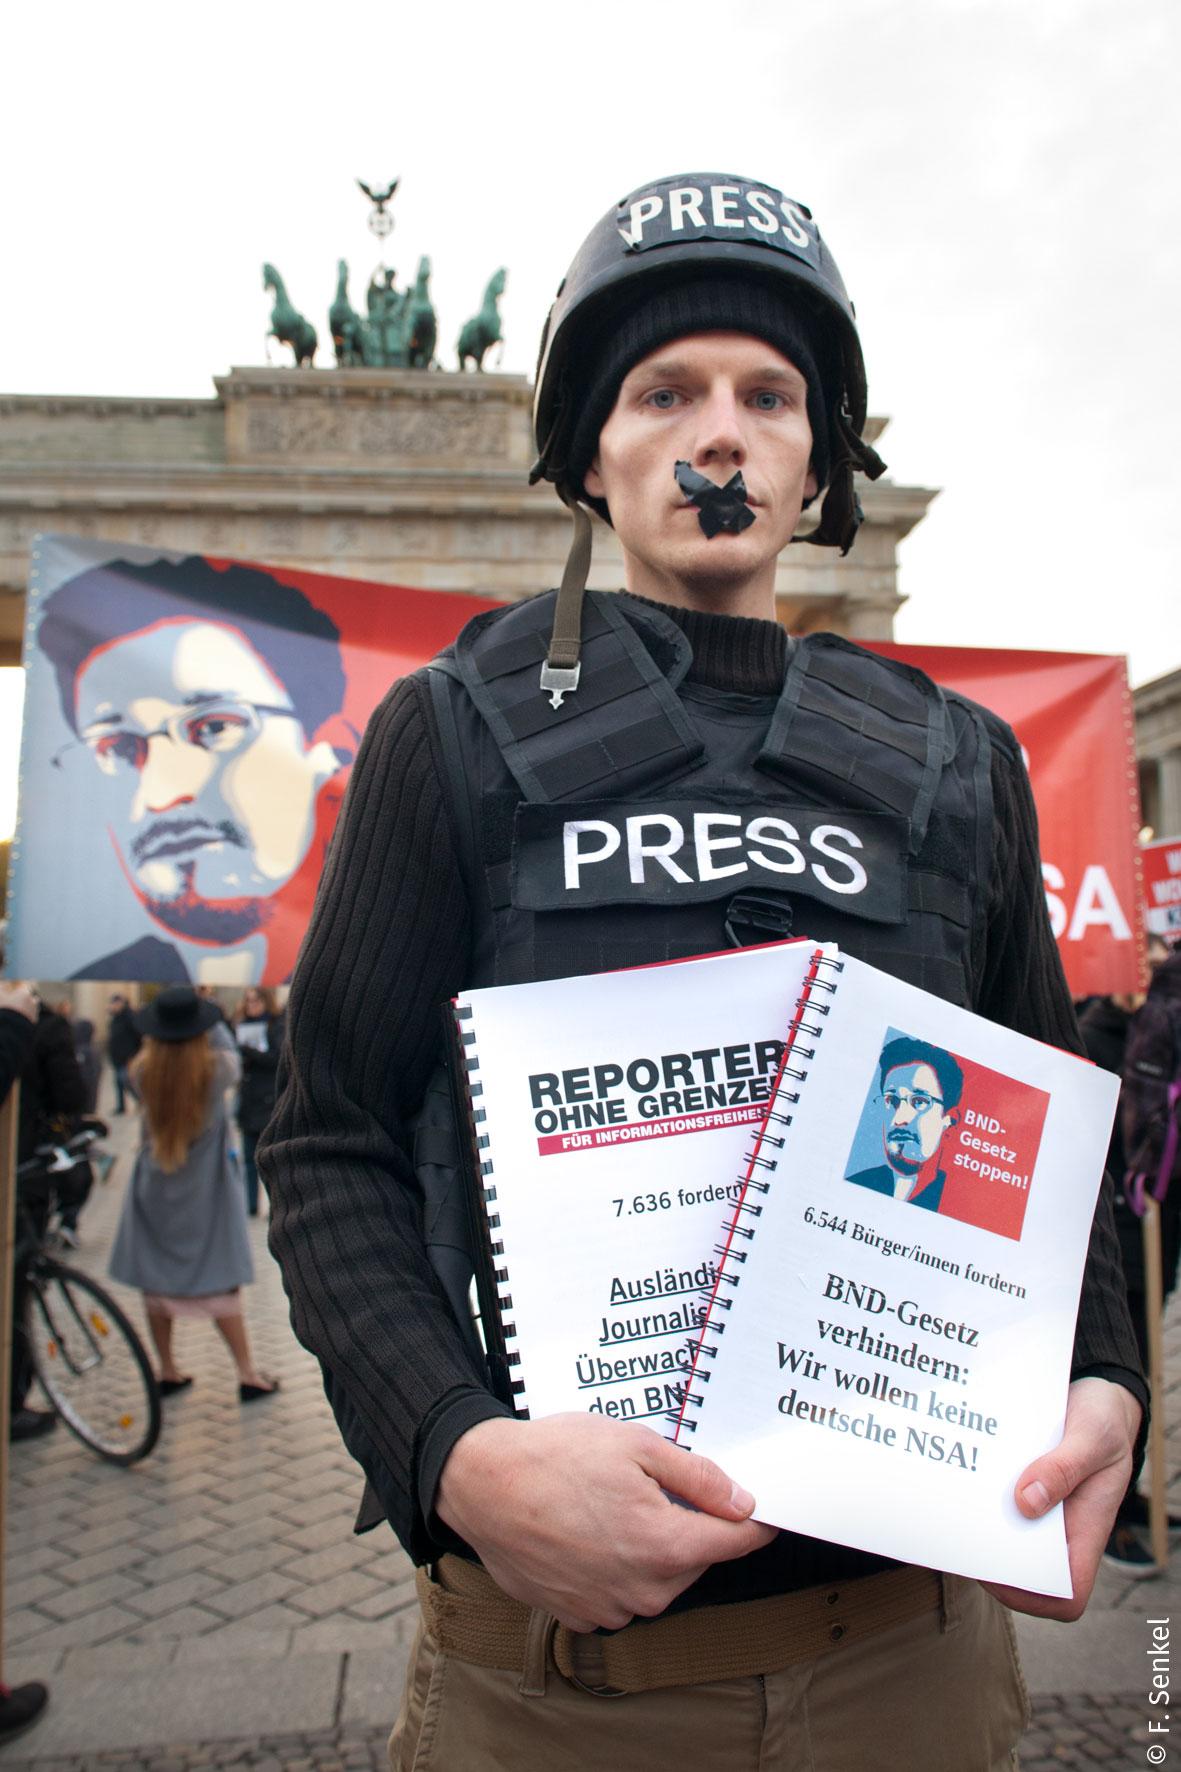 Protest gegen das BND-Gesetz. Foto: Mit freundlicher Genehmigung von Franziska Senkel, alle Rechte vorbehalten